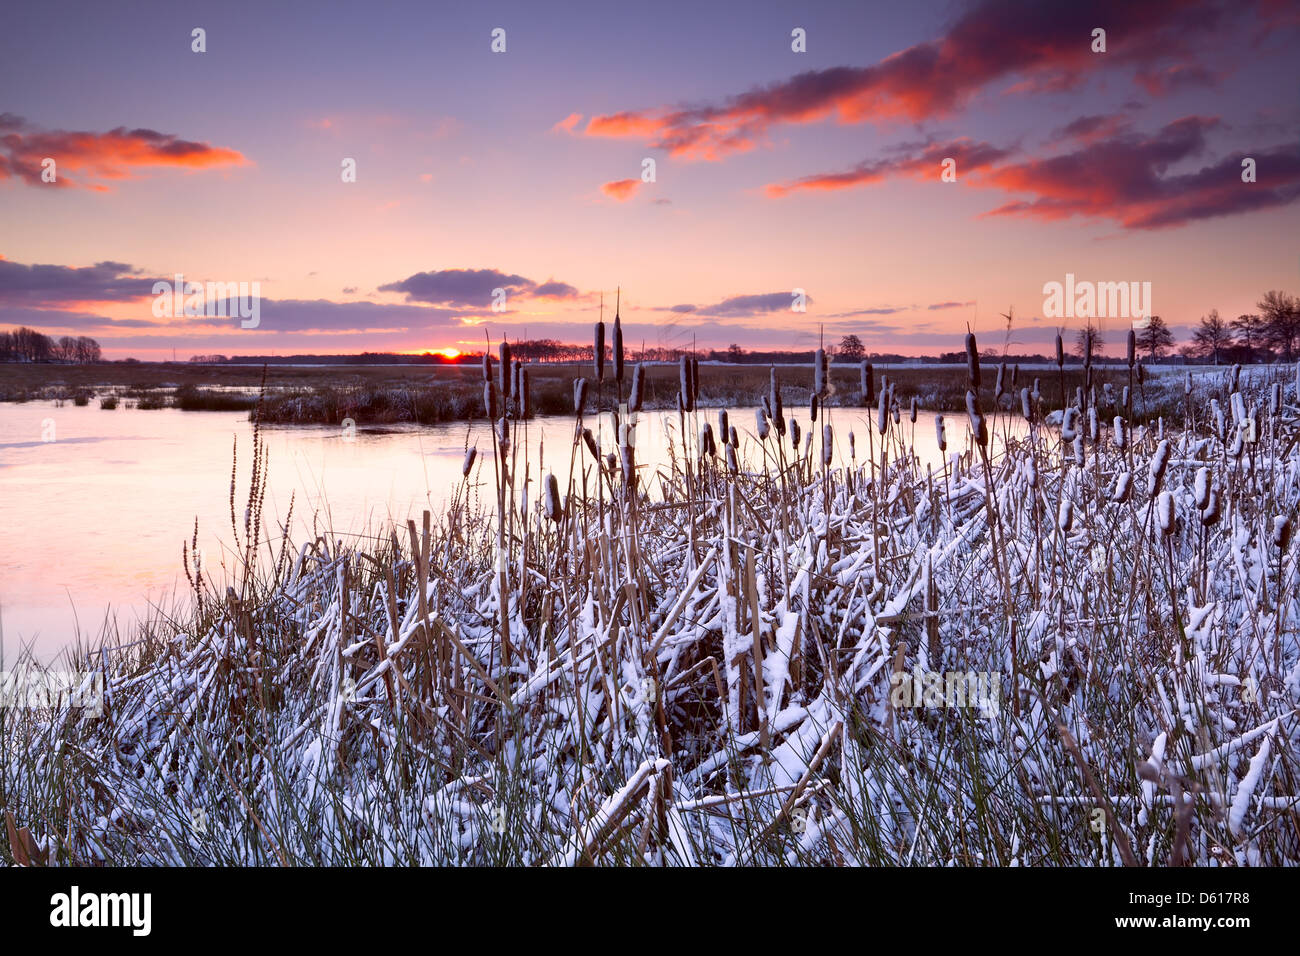 Espectacular puesta de sol sobre el lago congelado Imagen De Stock